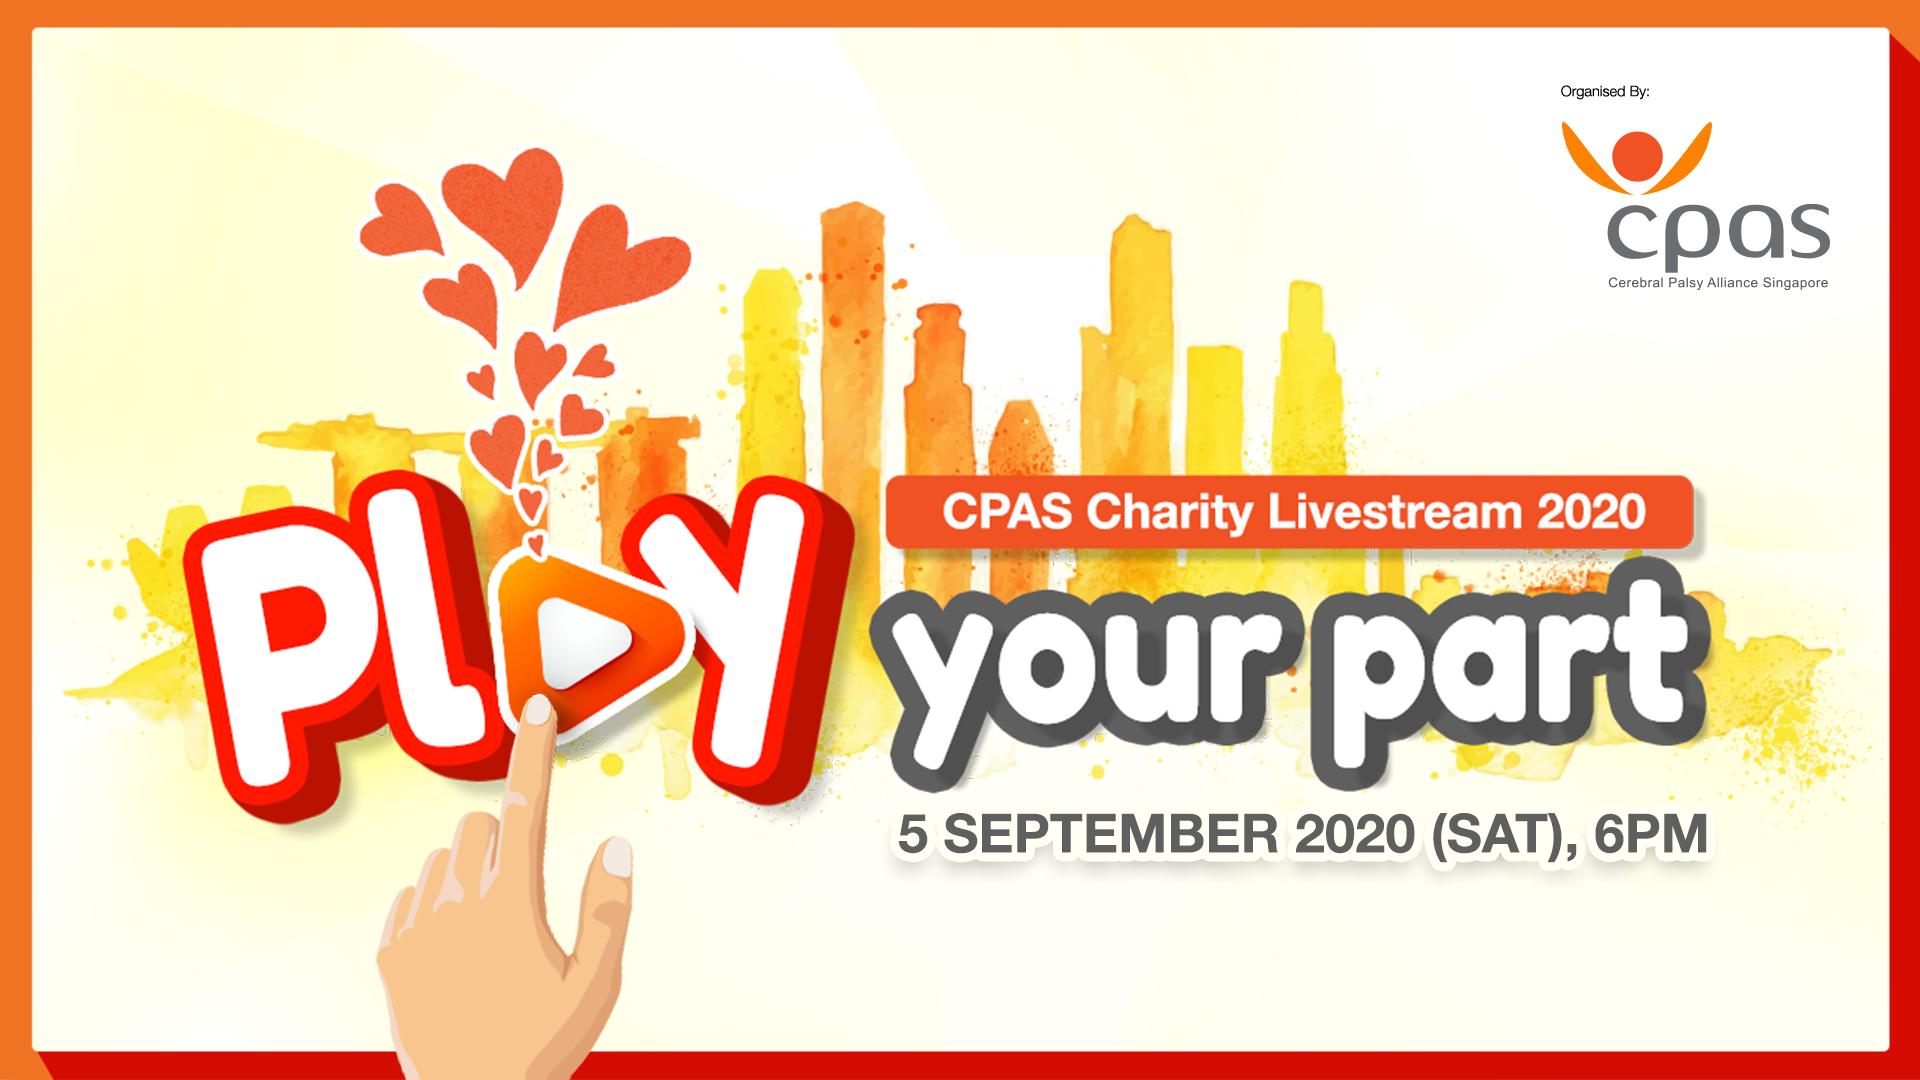 Cpas20 CharityLivestream WebBanner R2